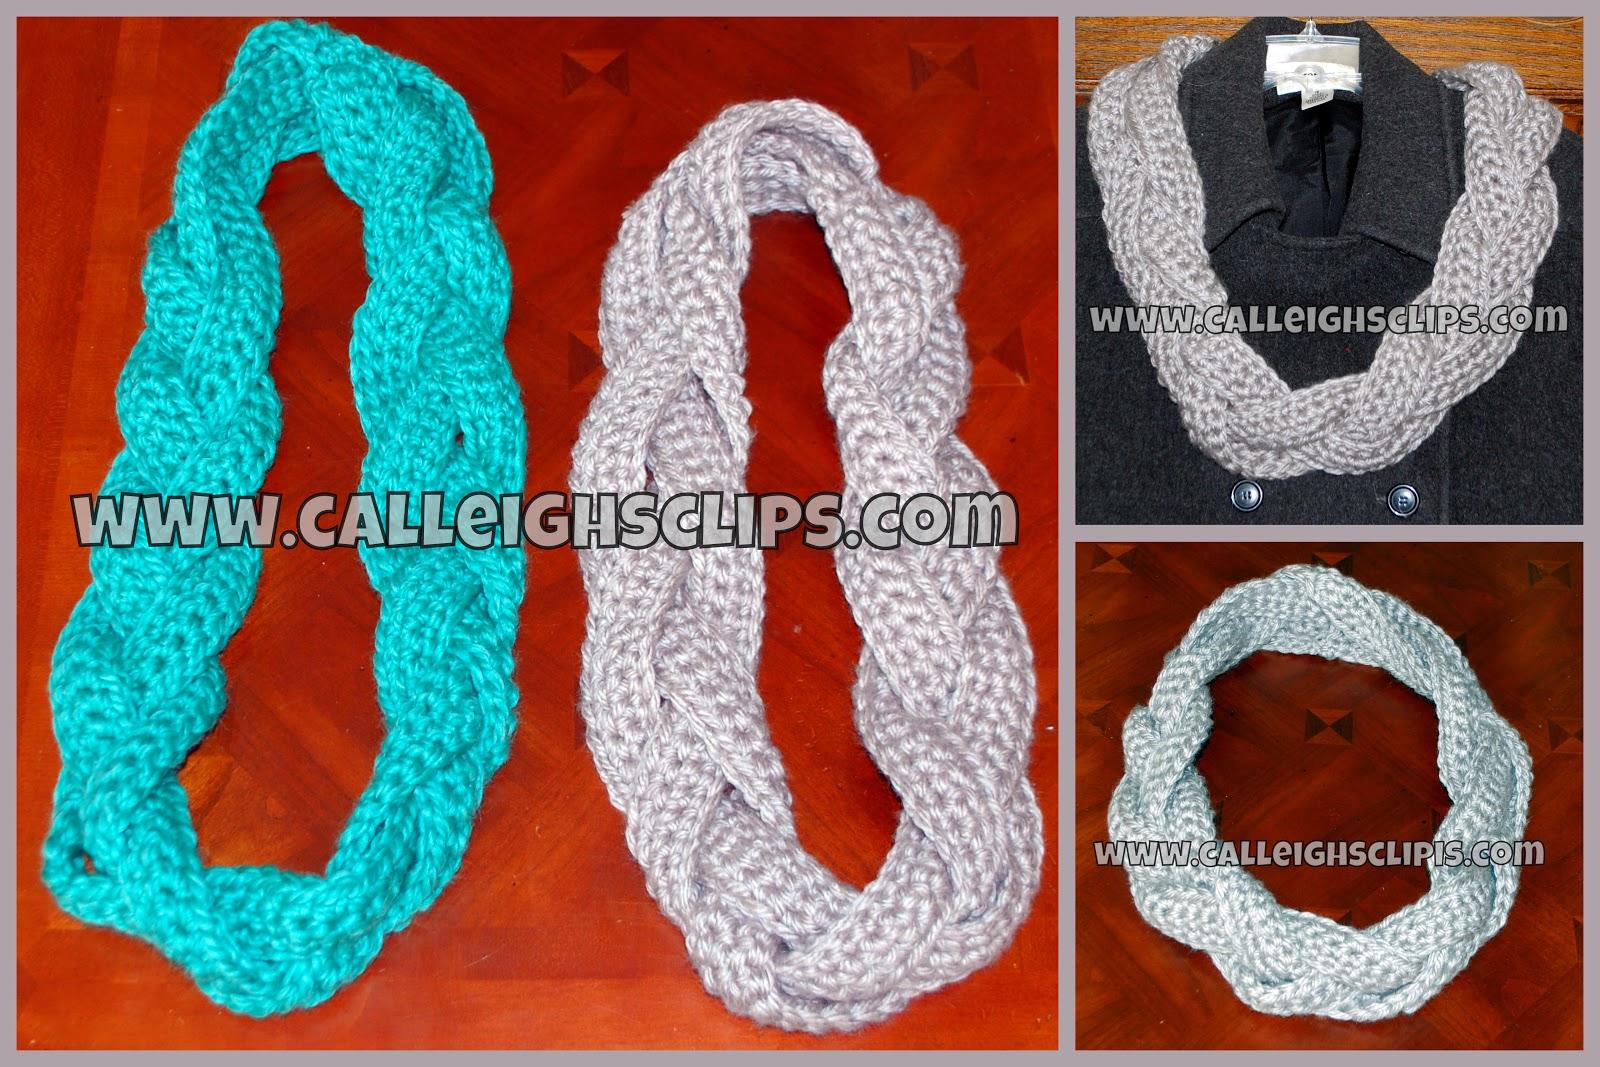 Calleigh's Clips & Crochet Creations: Free Crochet Pattern ...